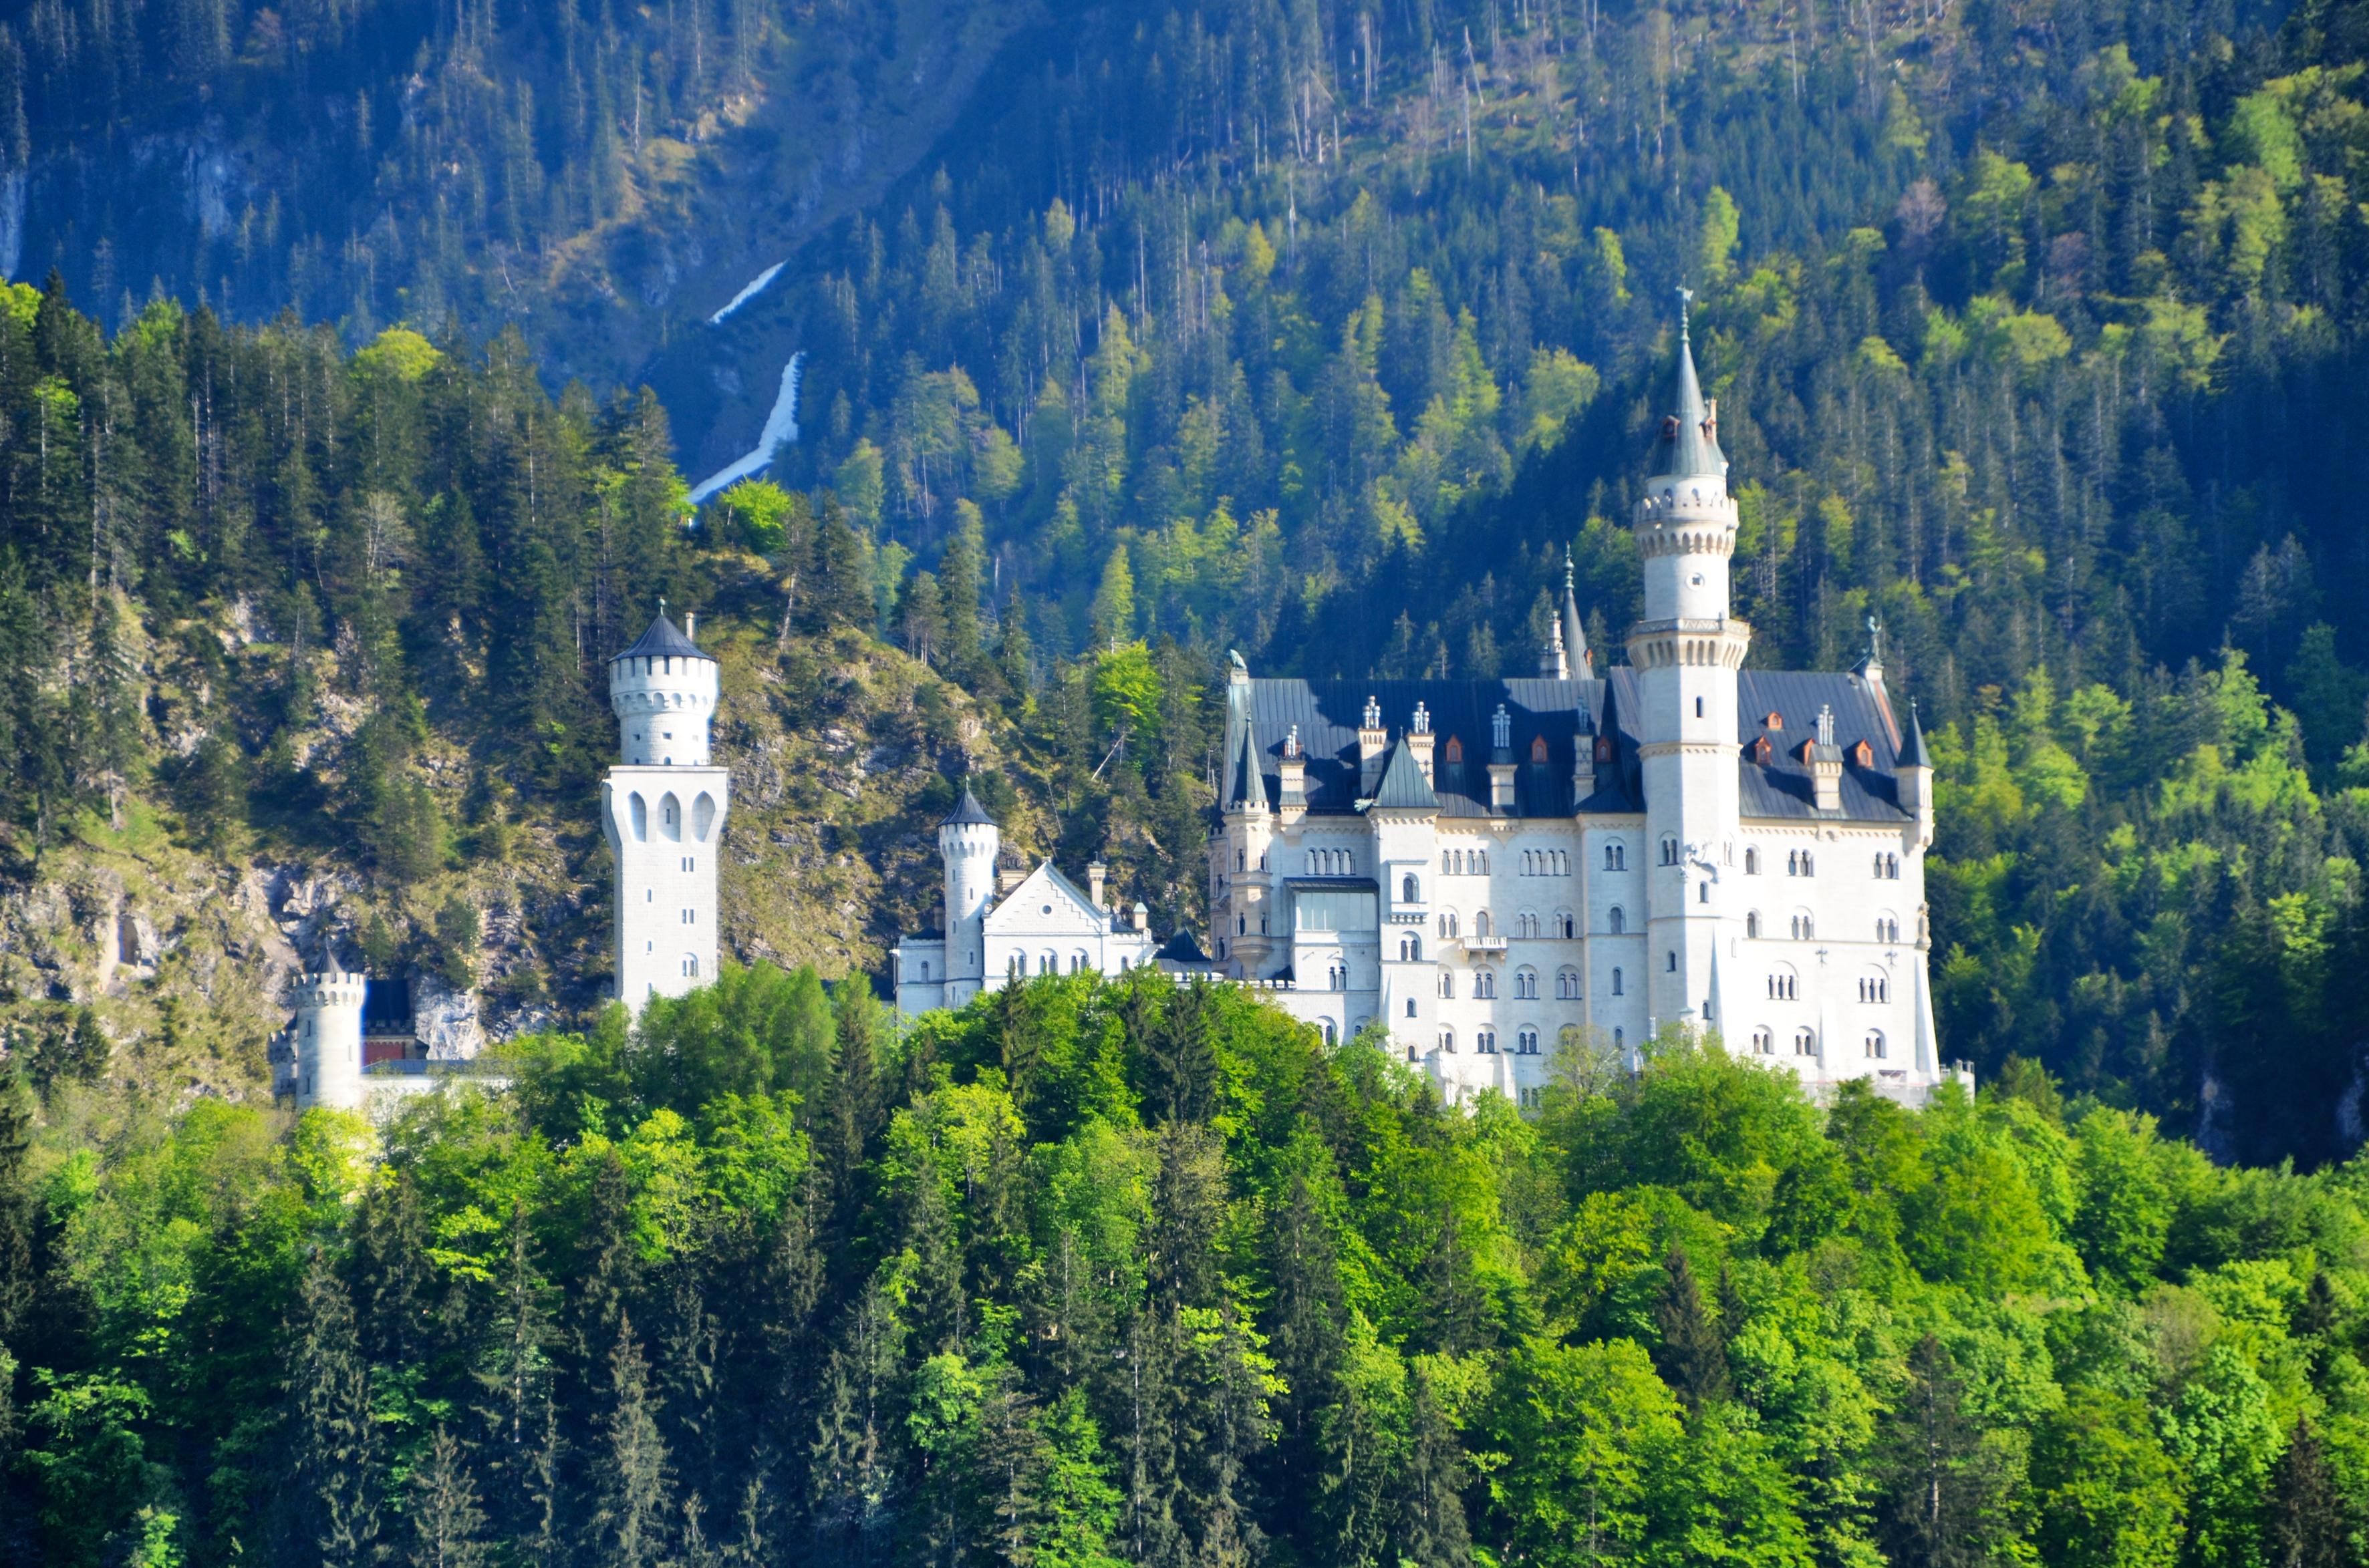 Cinderella's Castle 2013 Munich